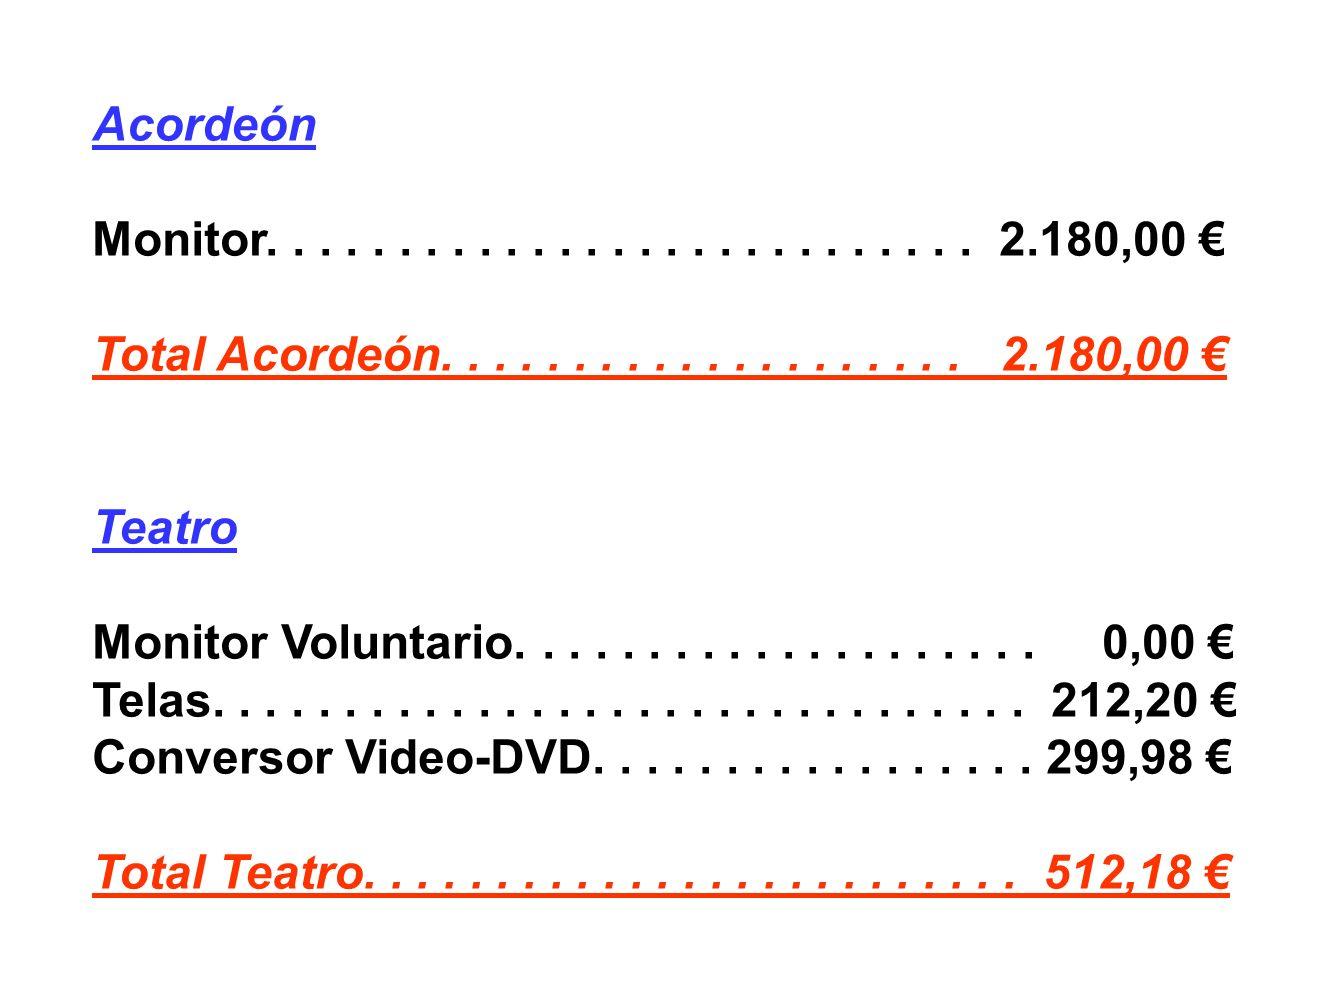 Acordeón Monitor. . . . . . . . . . . . . . . . . . . . . . . . . . . 2.180,00 € Total Acordeón. . . . . . . . . . . . . . . . . . . . 2.180,00 €